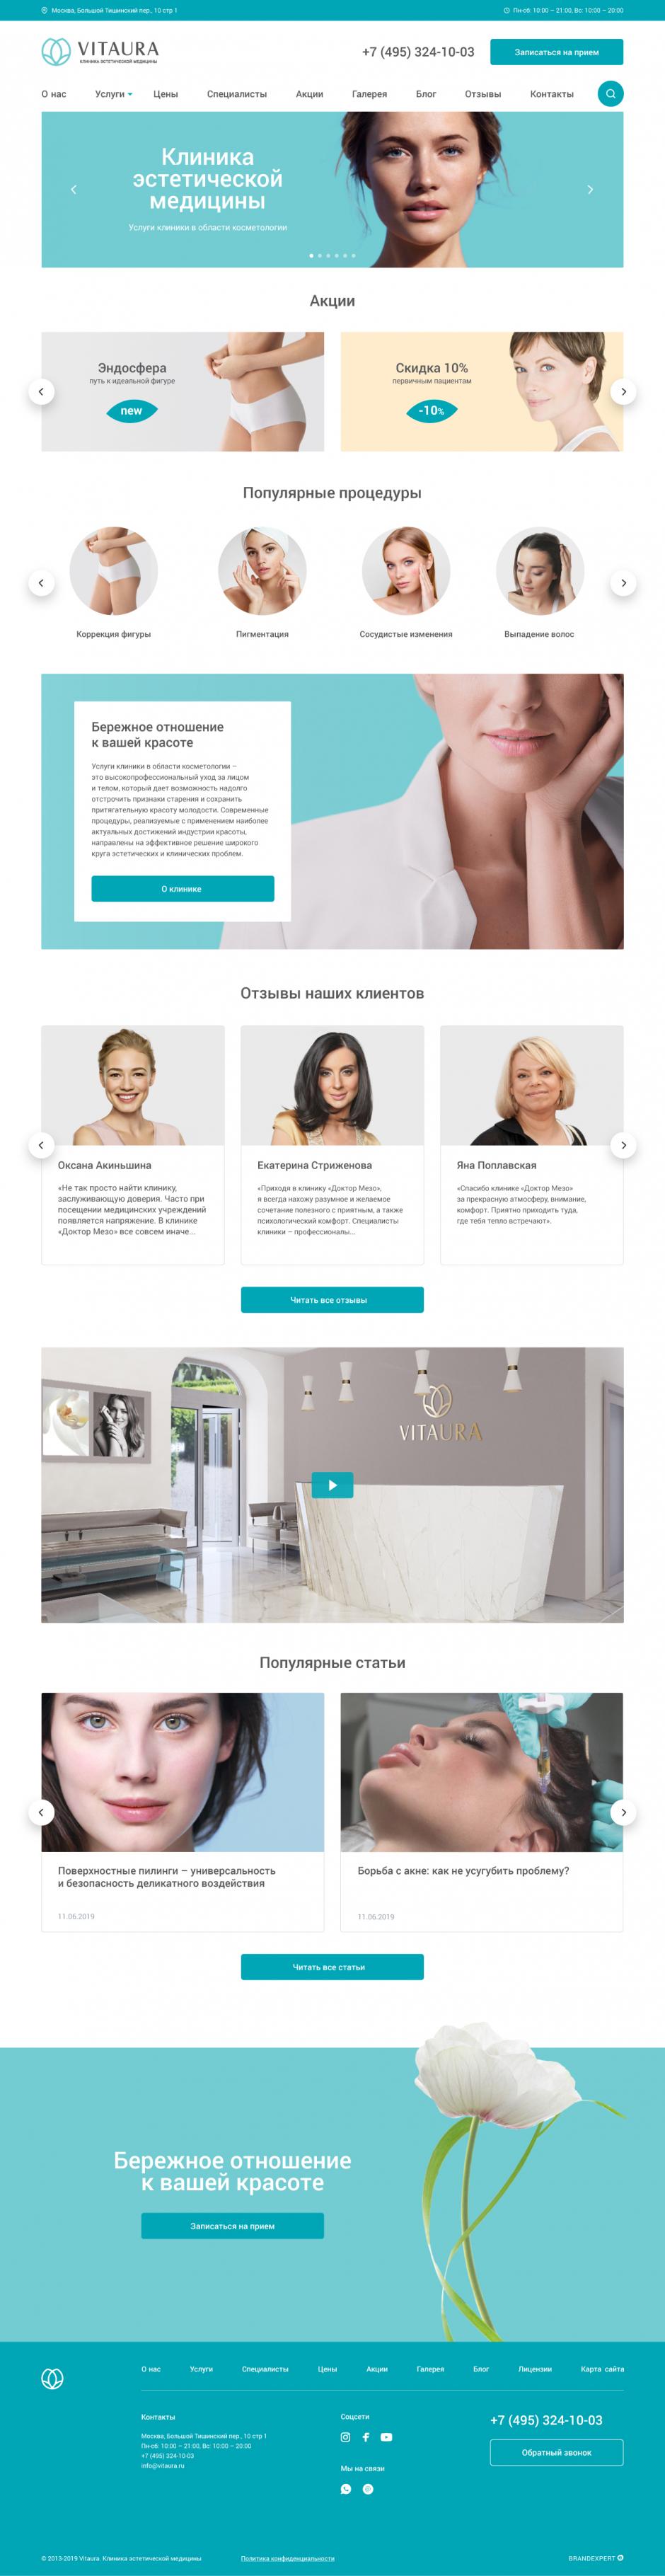 Создание сайта для клиники косметологии Vitaura